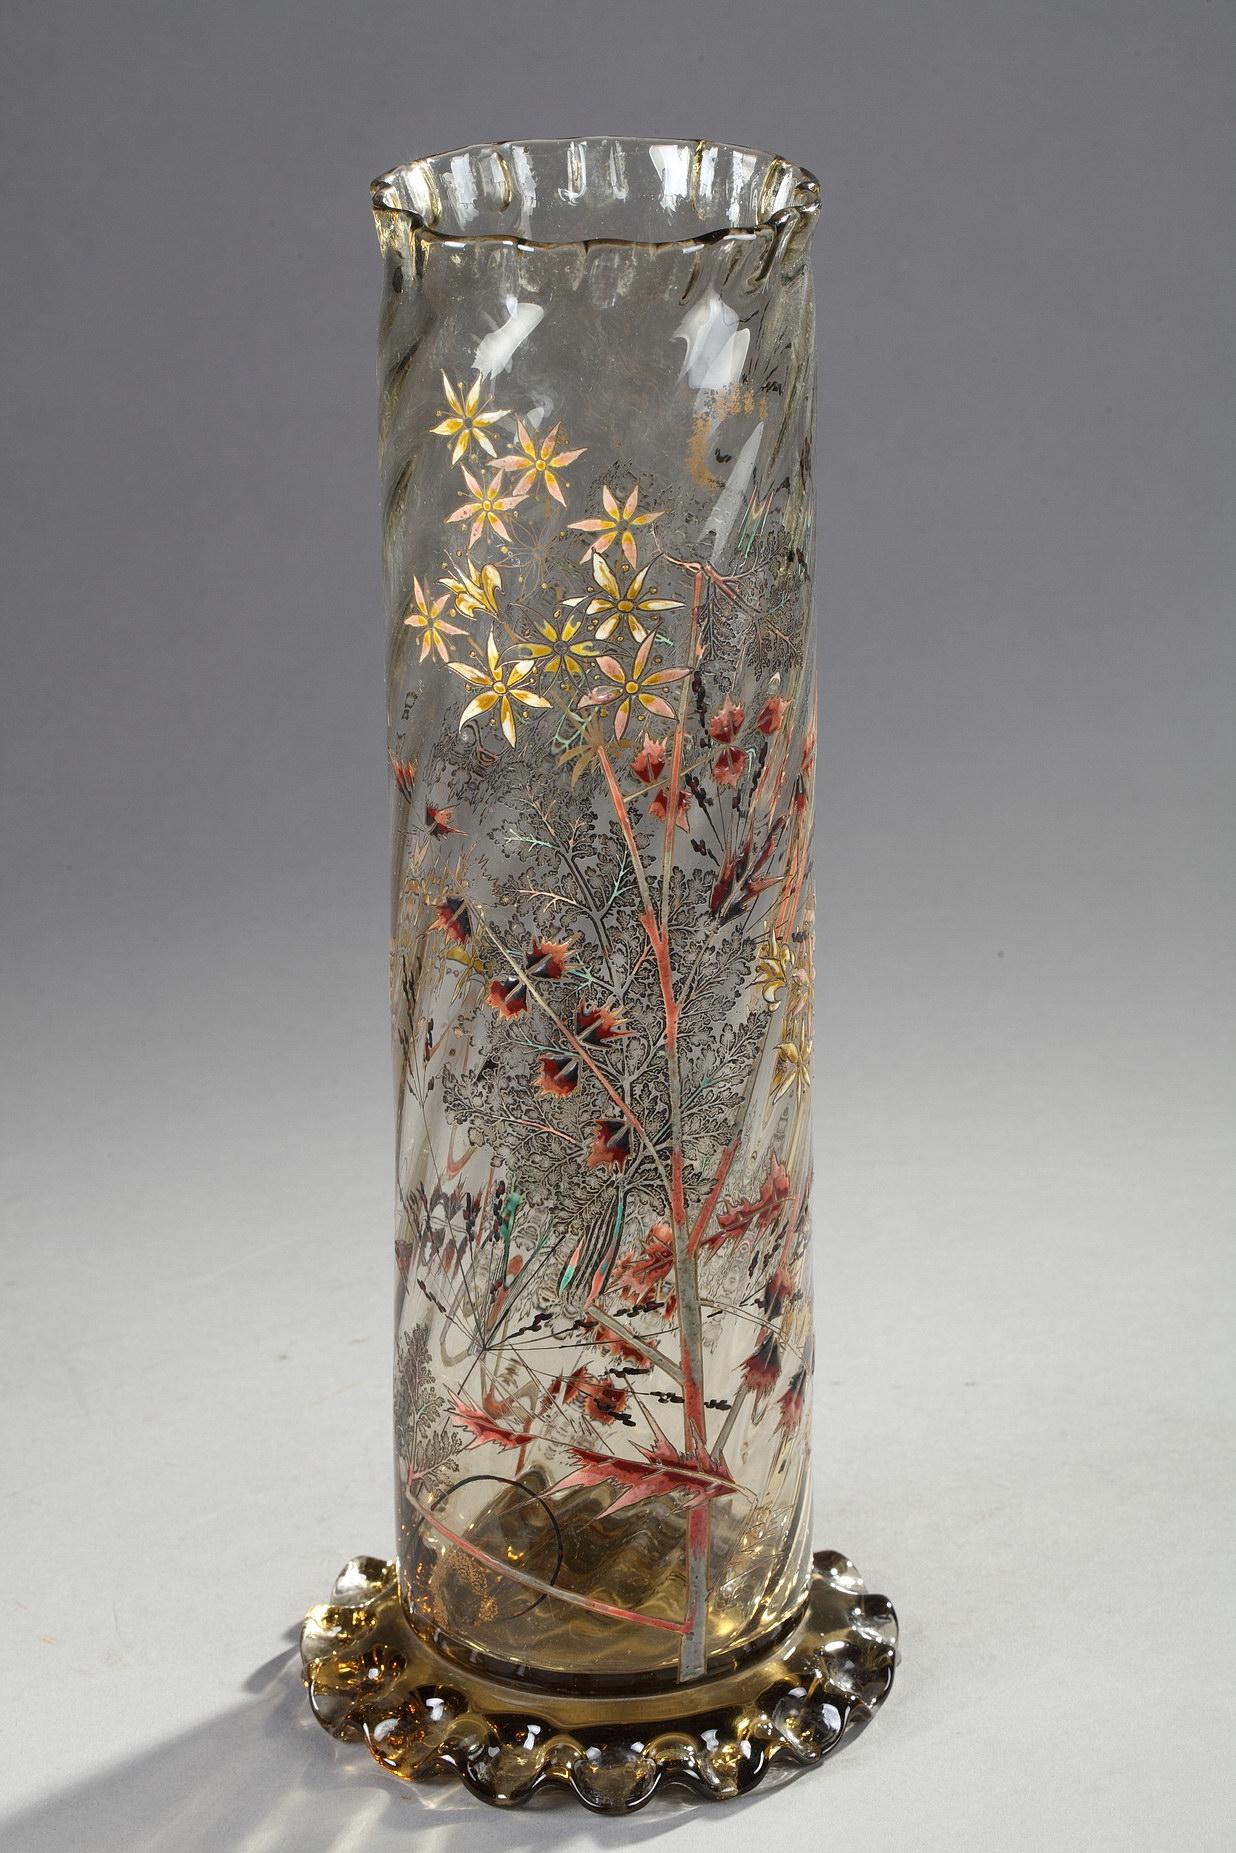 Emile Gallé (1846-1904), Cristallerie, Vase tube à décor de fougères, fleurs et herbes sauvages, haut. 36,5 cm. sculptures, verreries - galerie Tourbillon, Paris